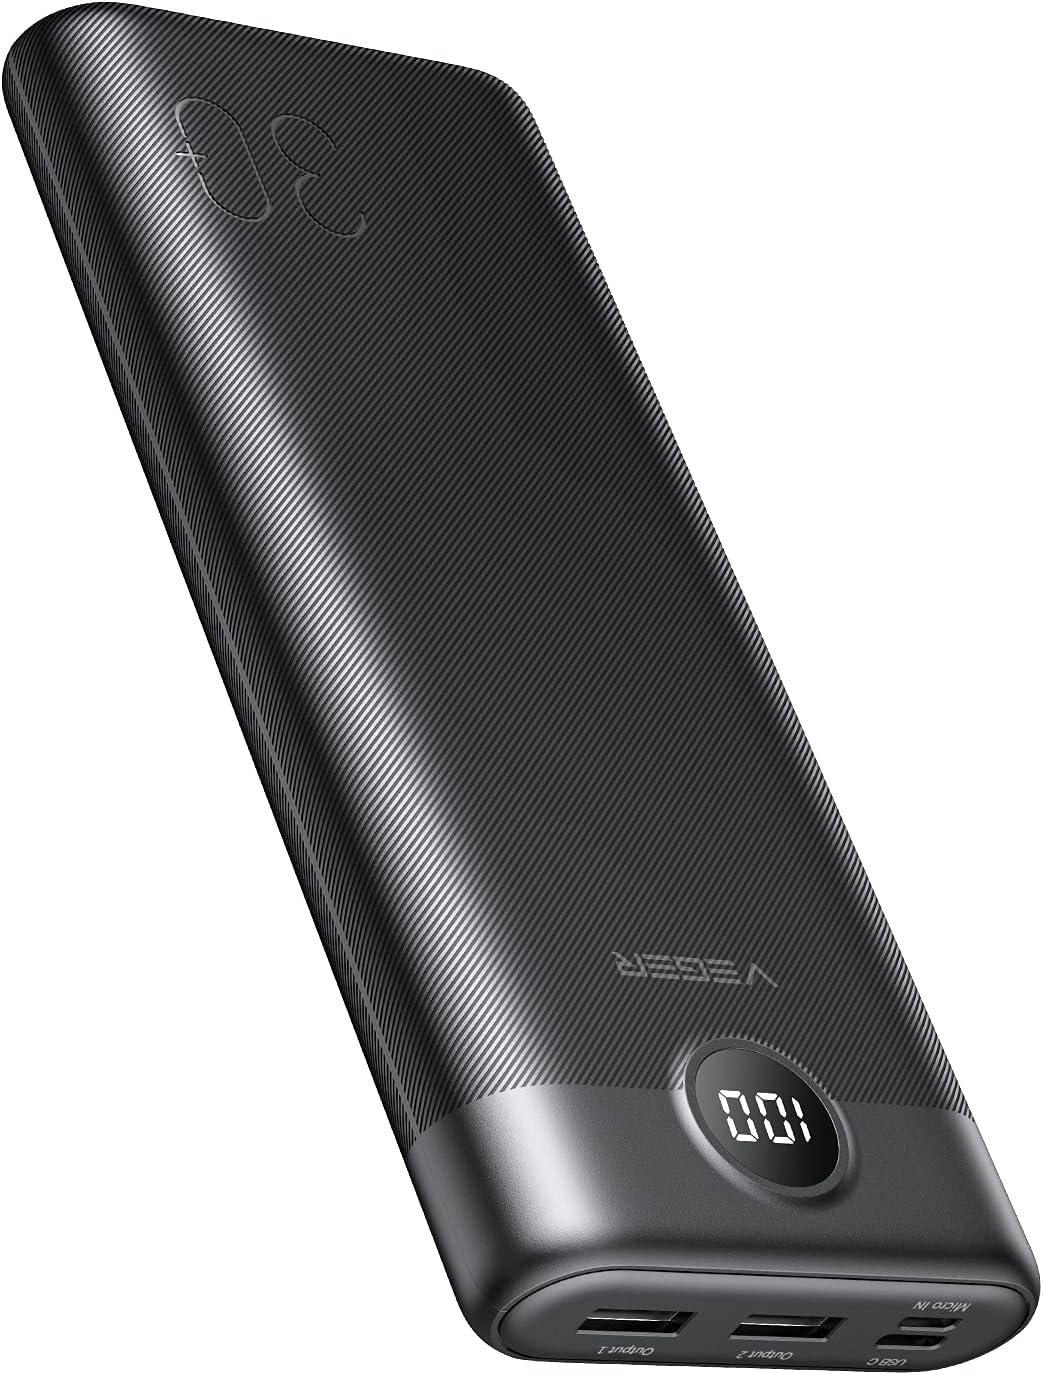 VEGER 30000mAh Bateria Externa Powerbank con Pantalla LED Cargador portátil con Paquete de batería USB C con 2 entradas y 3 Salidas Compatible con iPhone, Samsung, Huawei, Tableta y más.